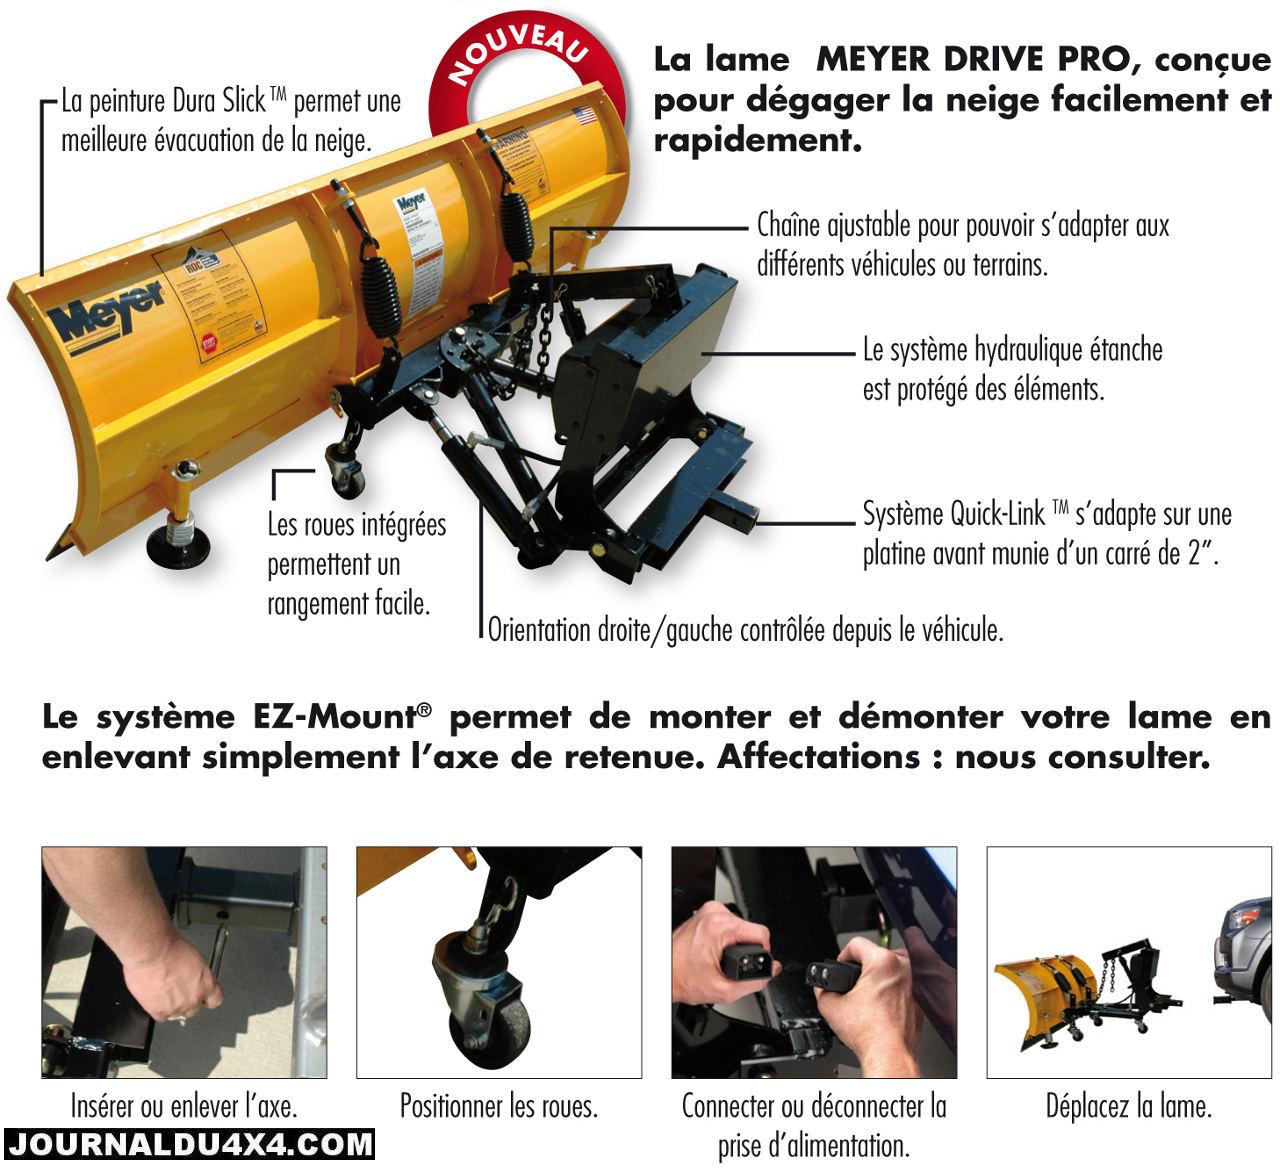 Lame_Meyer_Drive_Pro_nouveau_systeme_quick_link.jpg